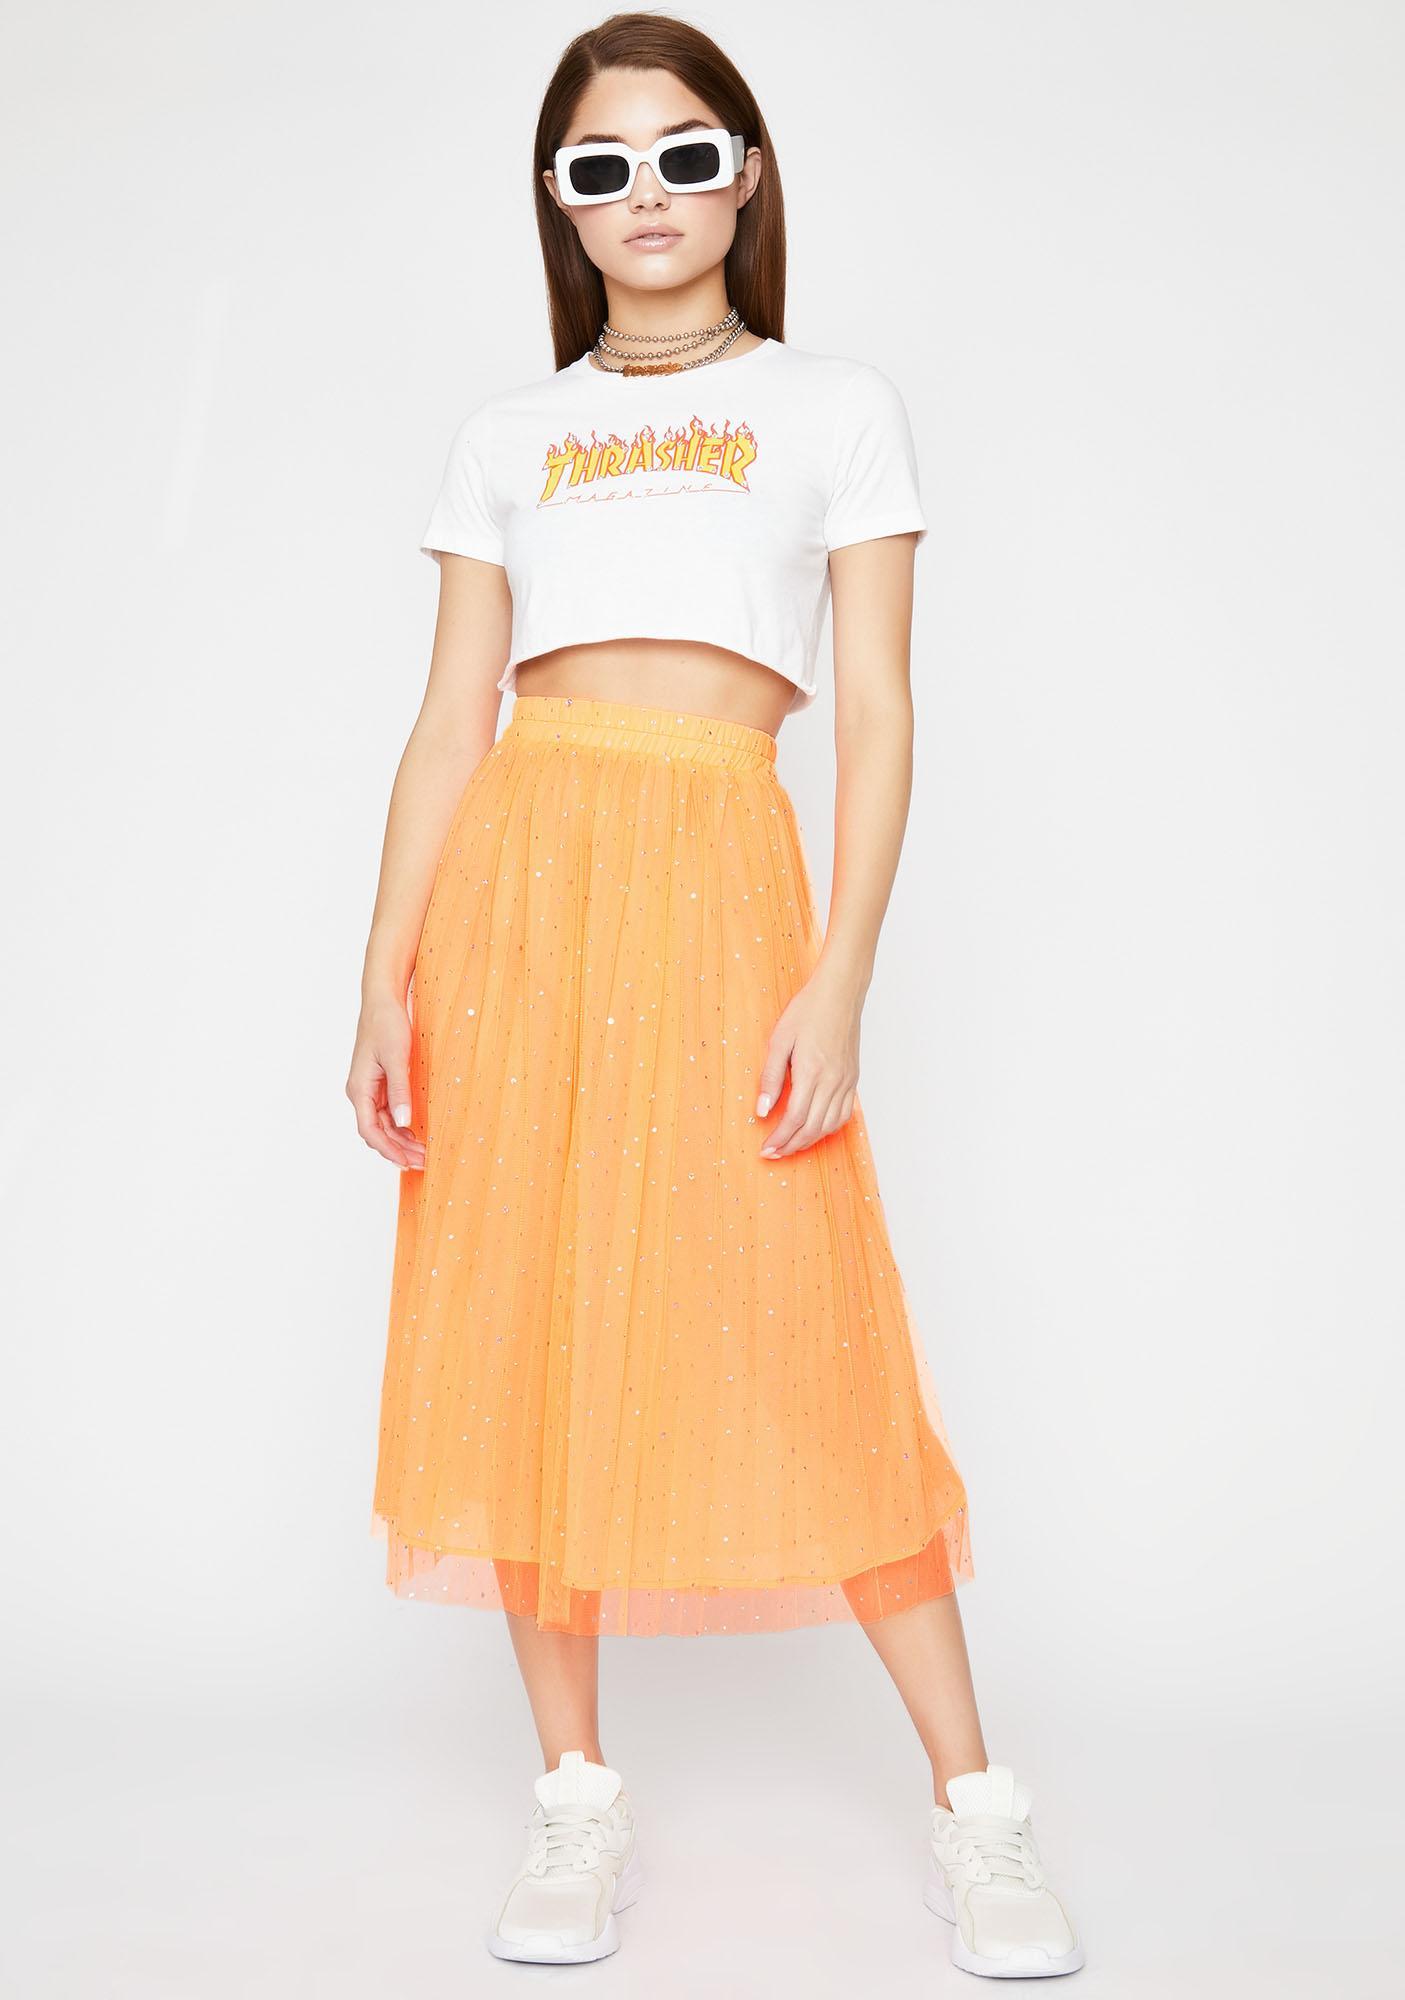 Mimosa Dream Galaxy Tulle Skirt